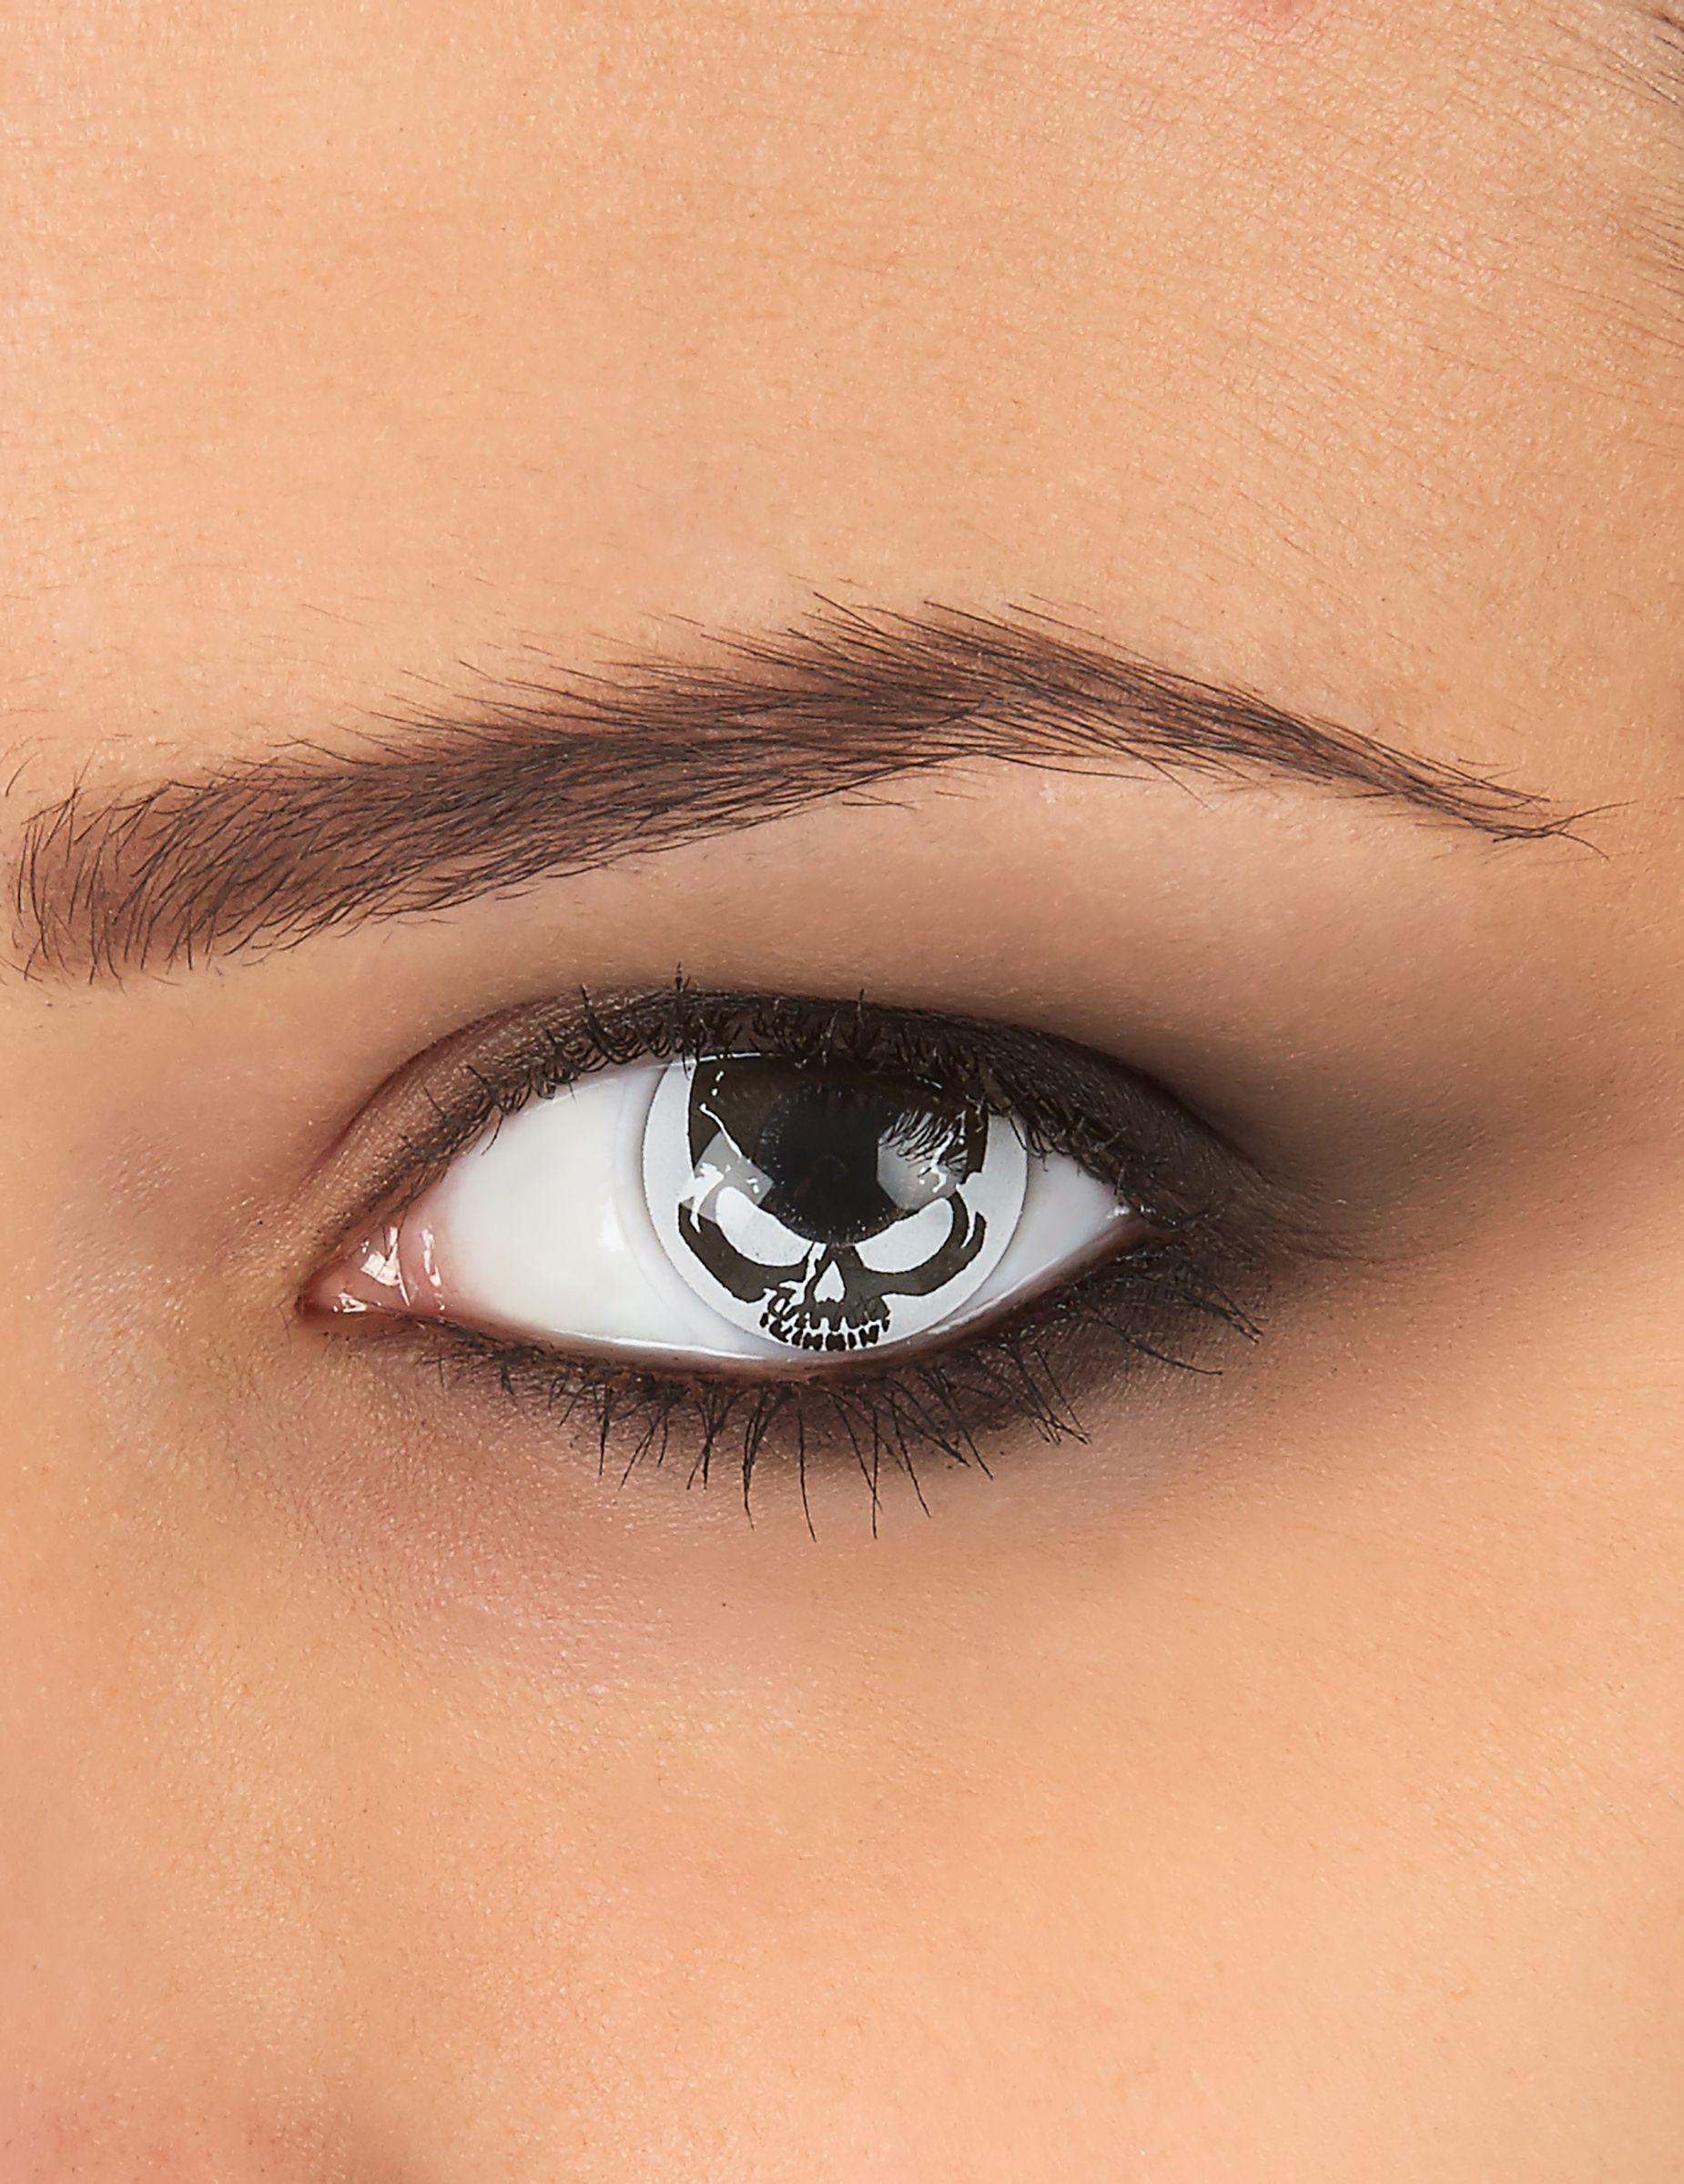 73d9021ef0 Lentillas de contacto fantasía calavera adulto Halloween: Estas lentillas  fantasía son para adultos.Se